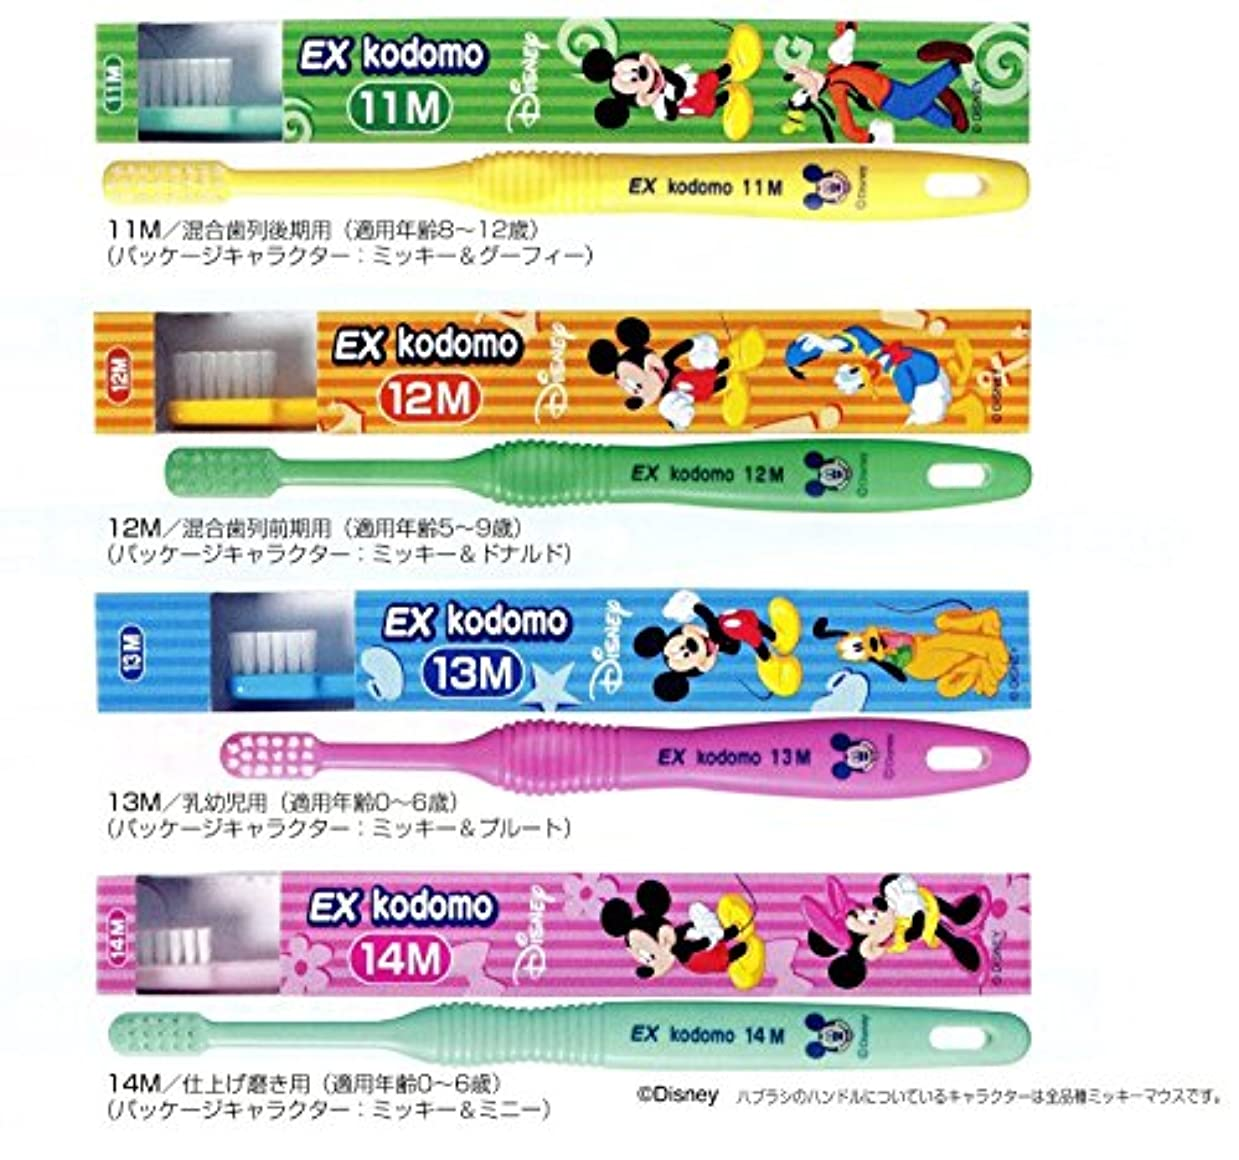 普及寓話食事を調理するライオン コドモ ディズニー DENT.EX kodomo Disney 1本 11M グリーン (8?12歳)